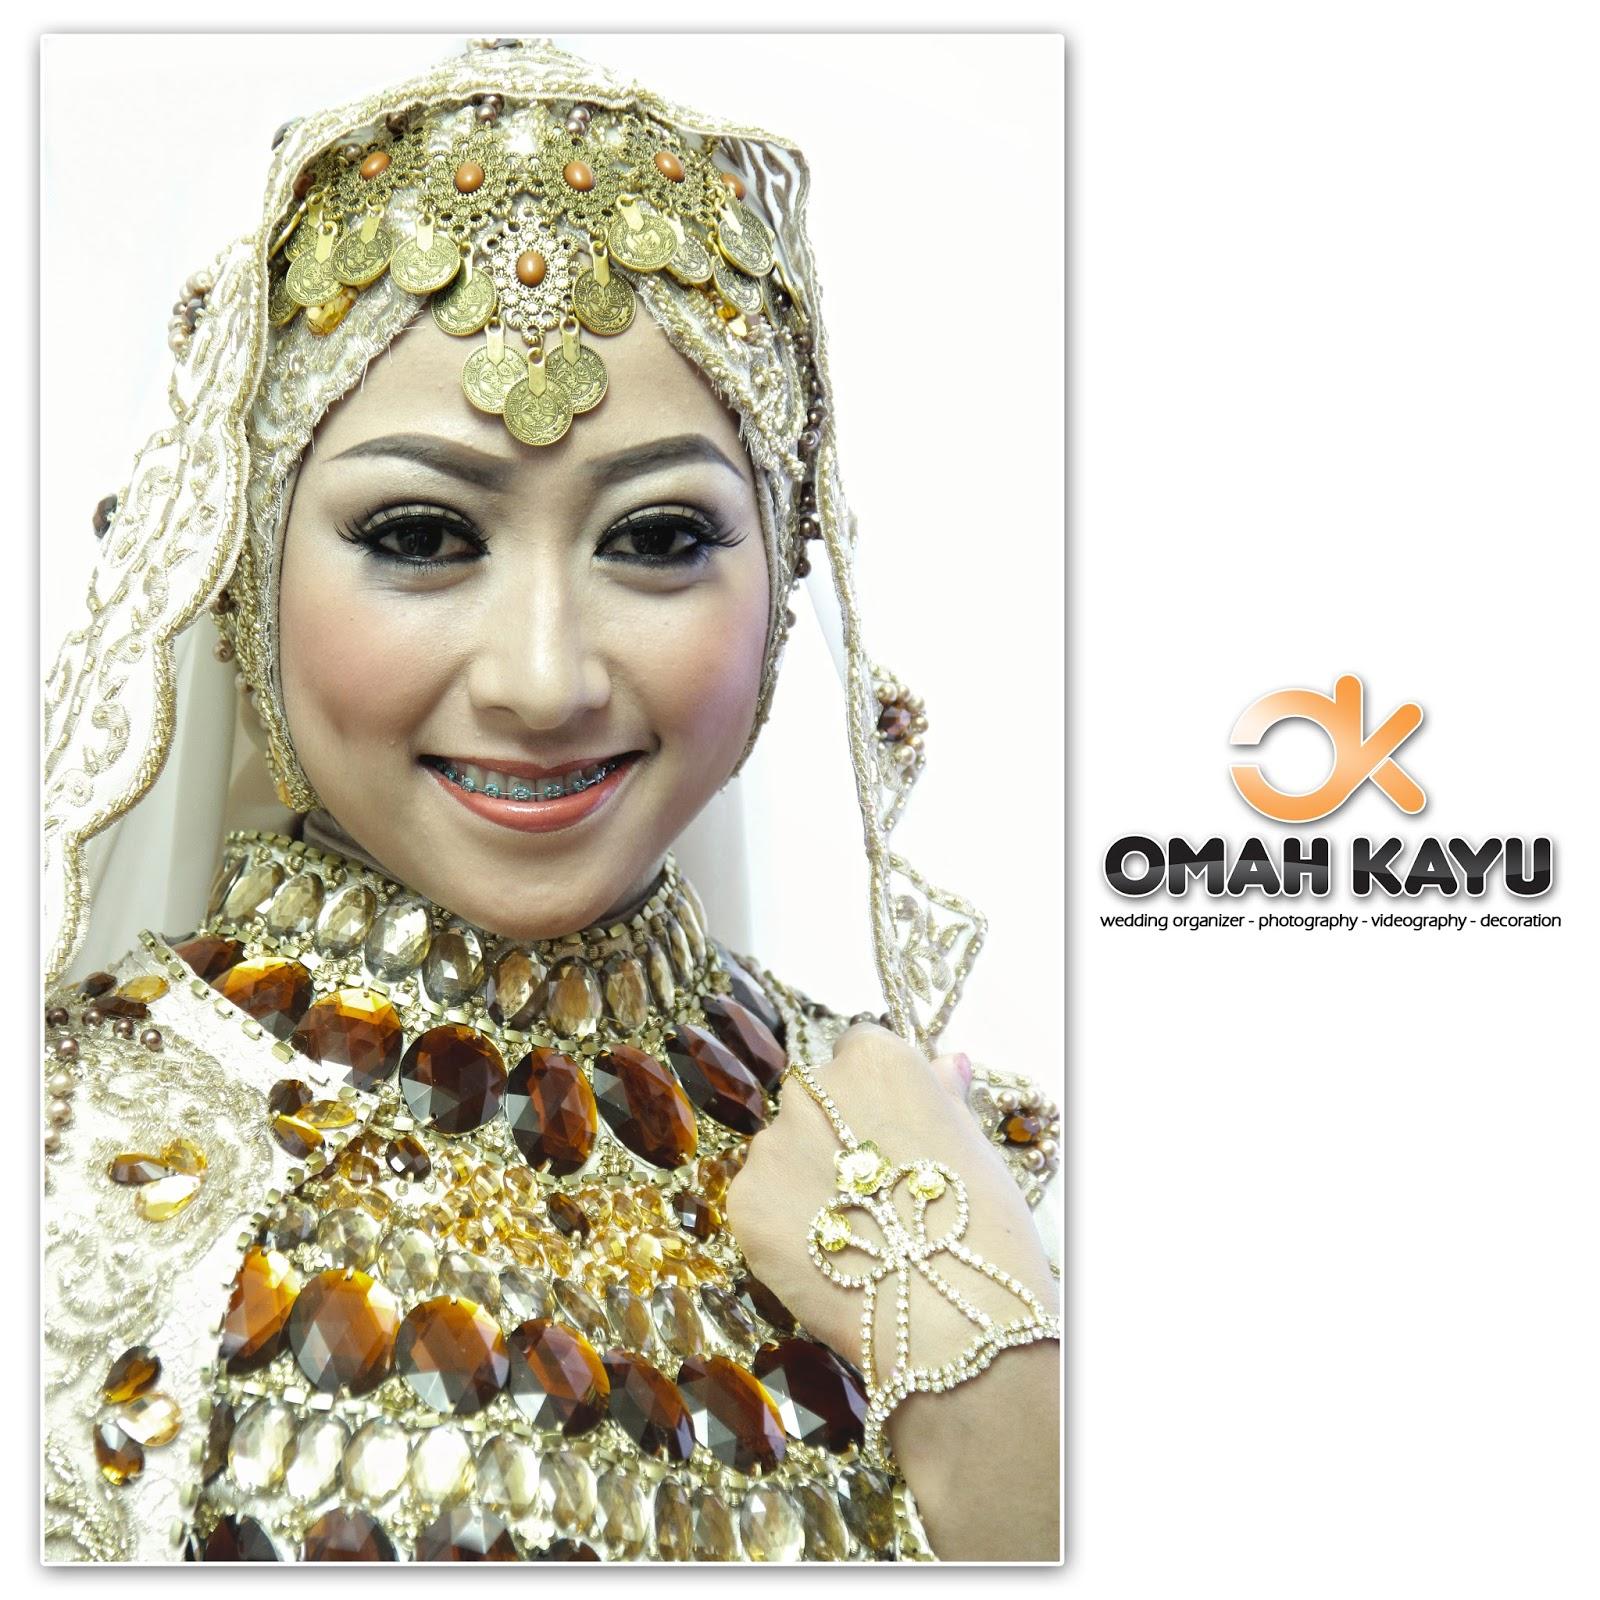 Omah kayu wedding